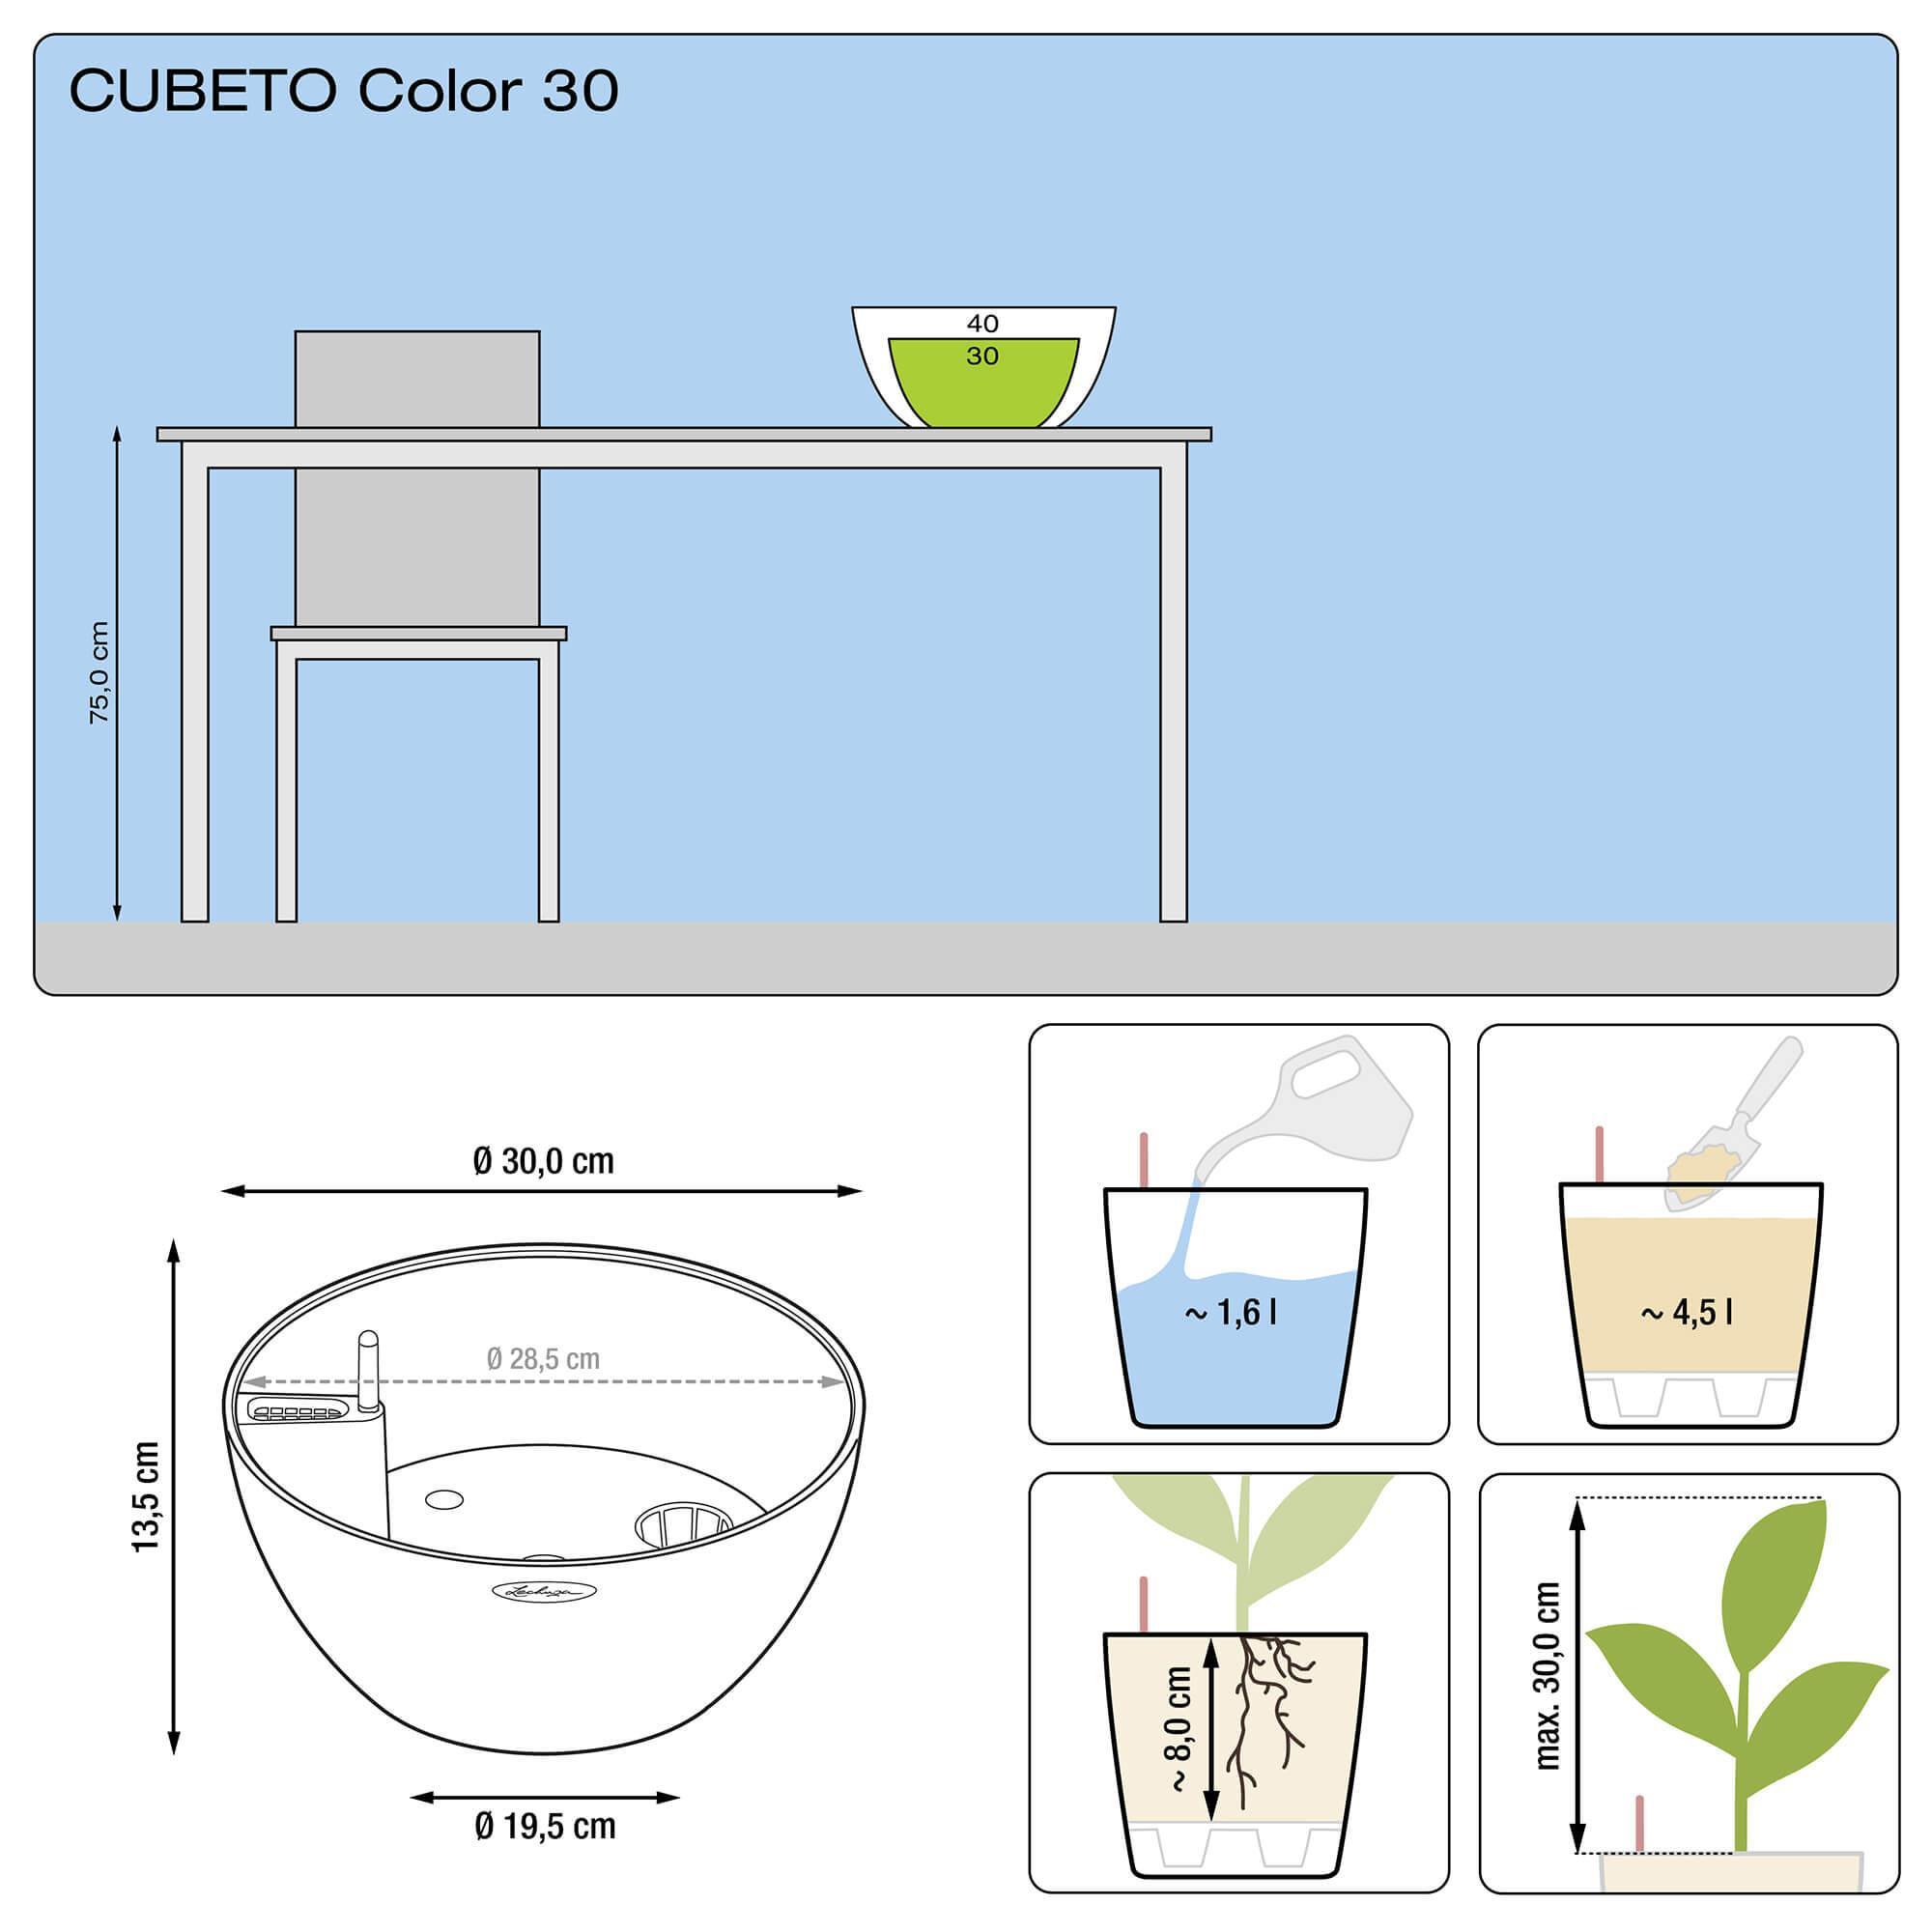 CUBETO Color 30 gris piedra - Imagen 2